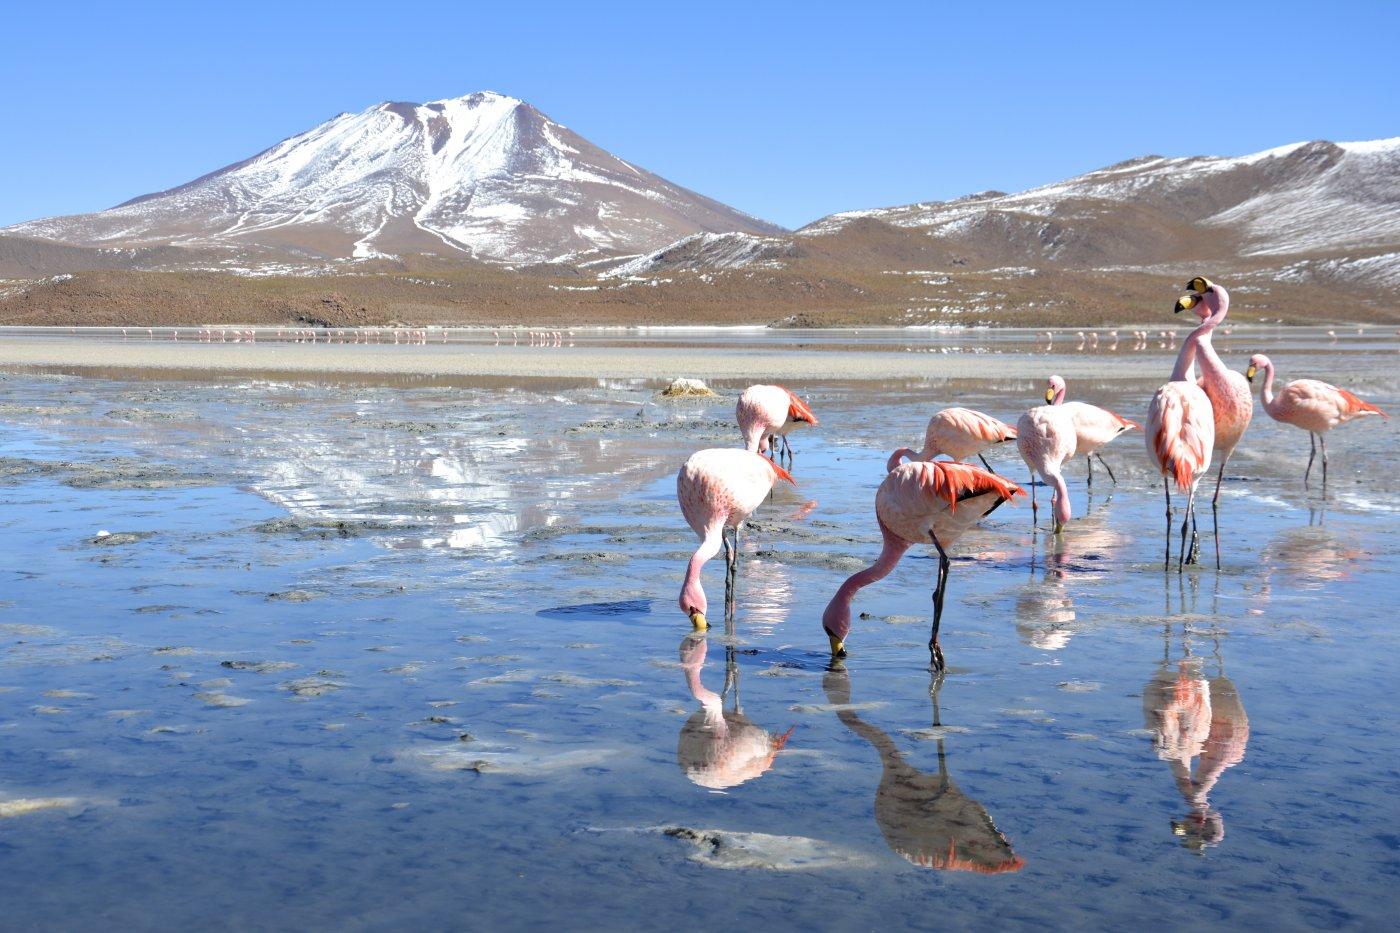 thaki-voyage-un-chef-d-oeuvre-ecologique-constituee-par-une-des-plus-importantes-diversites-naturelles-au-monde-sur-hauts-plateaux-de-bolivie-d-autres-especes-de-flamant-rose-sont-a-decouvrir